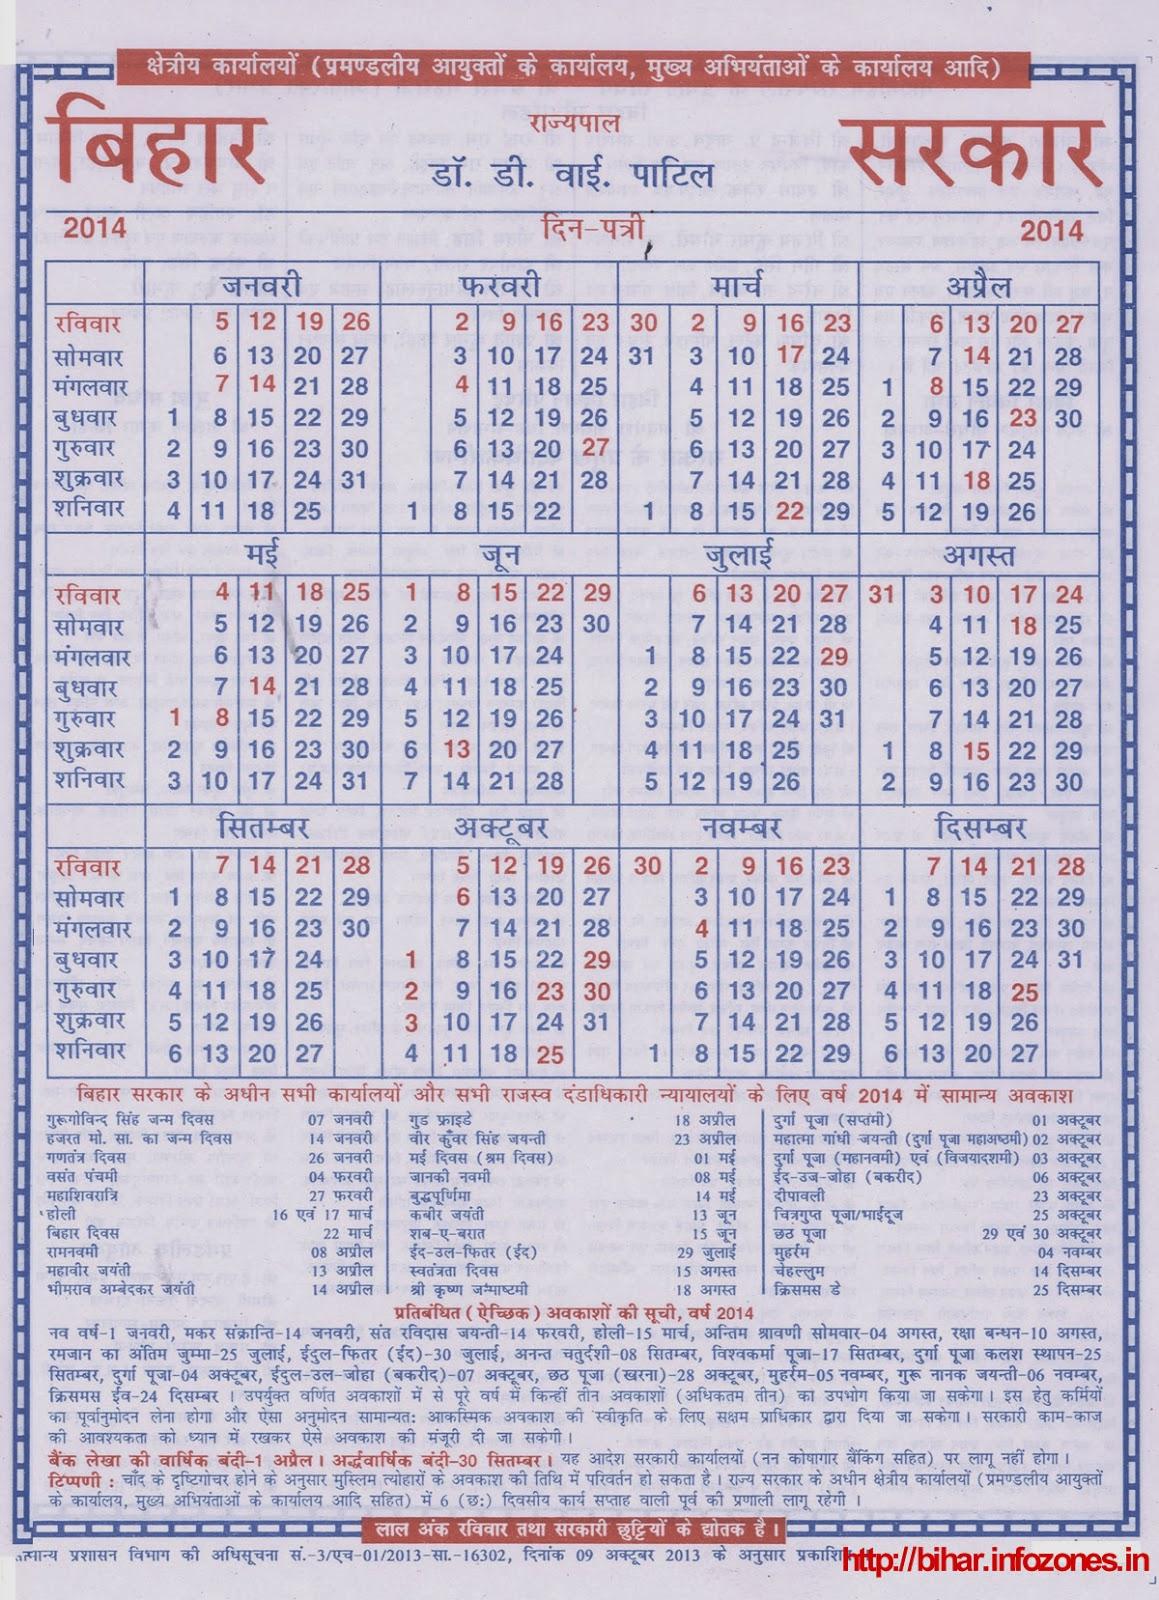 Bihar Government Calendar 2014 within Bihar Sarkar Calendra